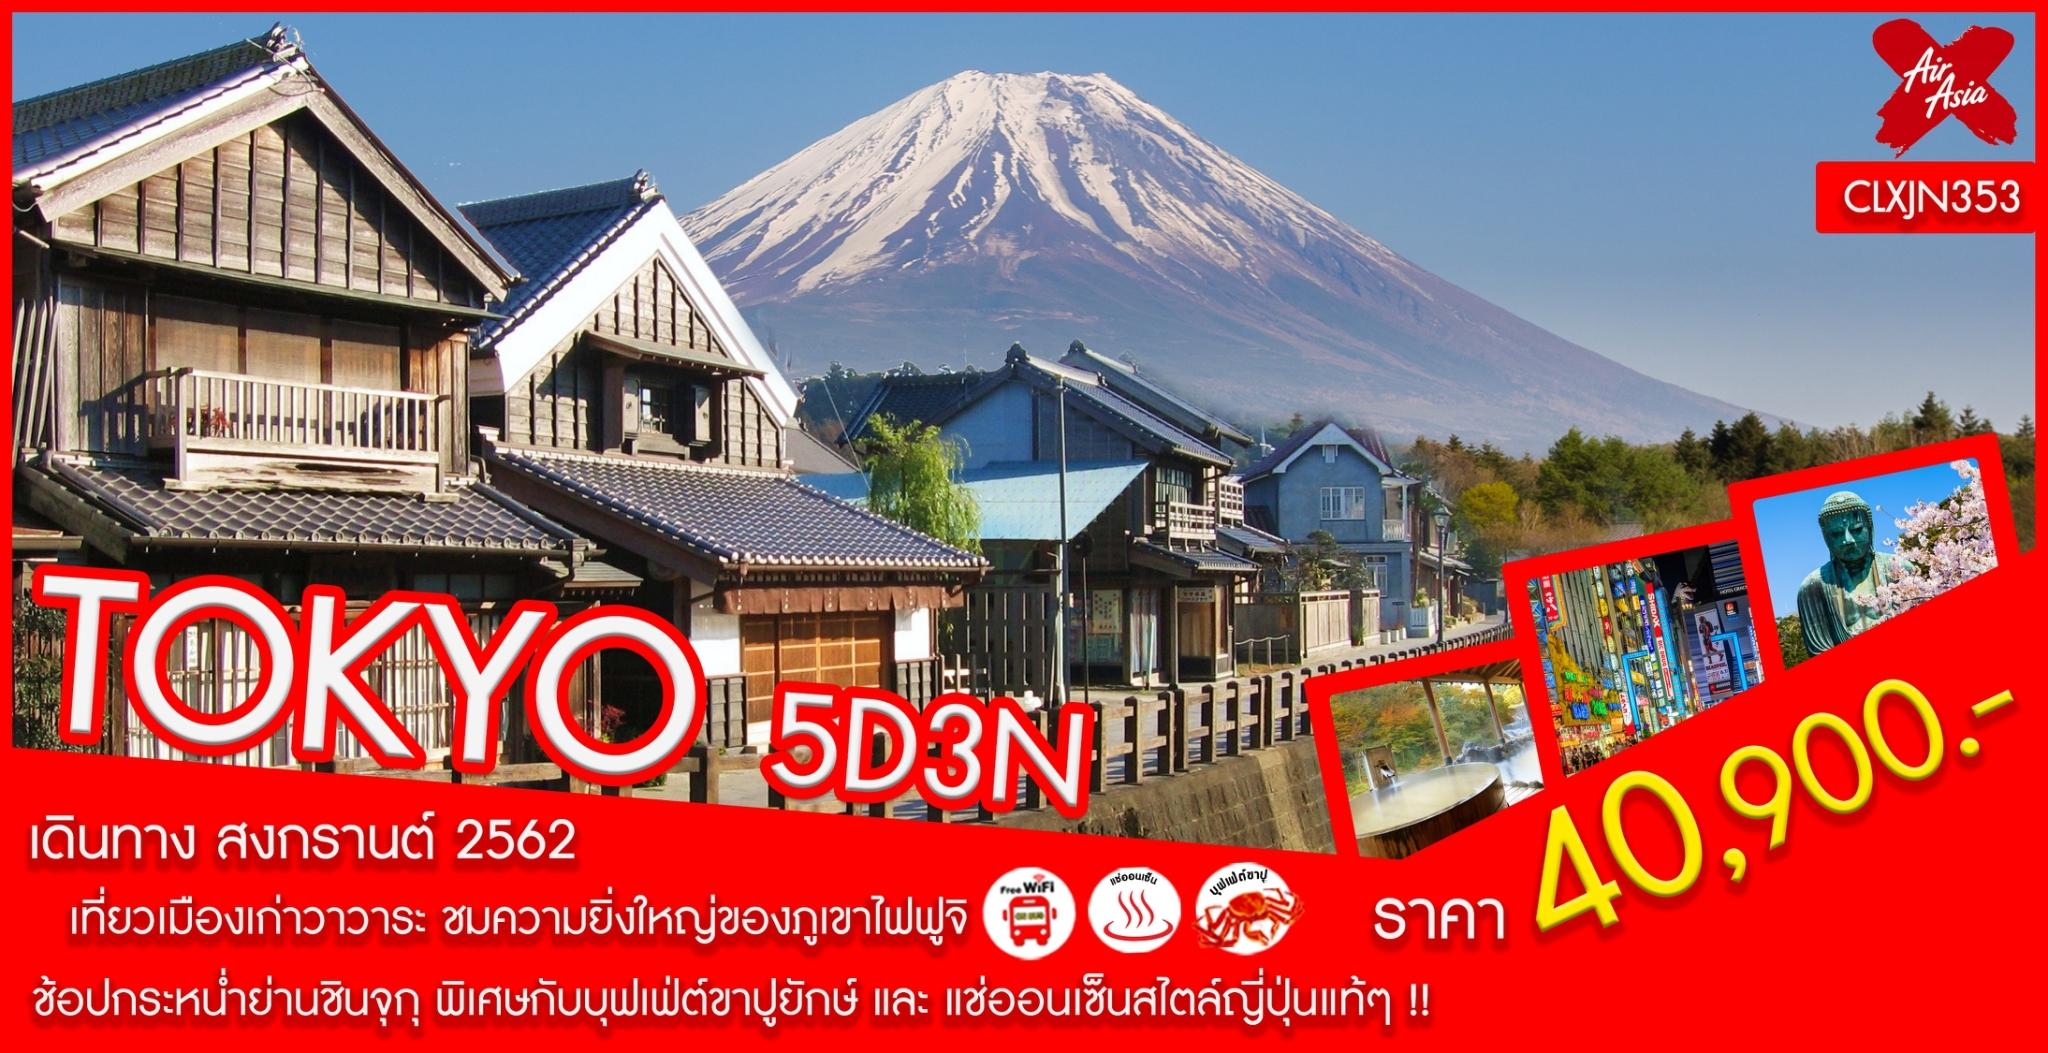 ทัวร์ญี่ปุ่น TOKYO 5D3N (FULLDAY) XJ